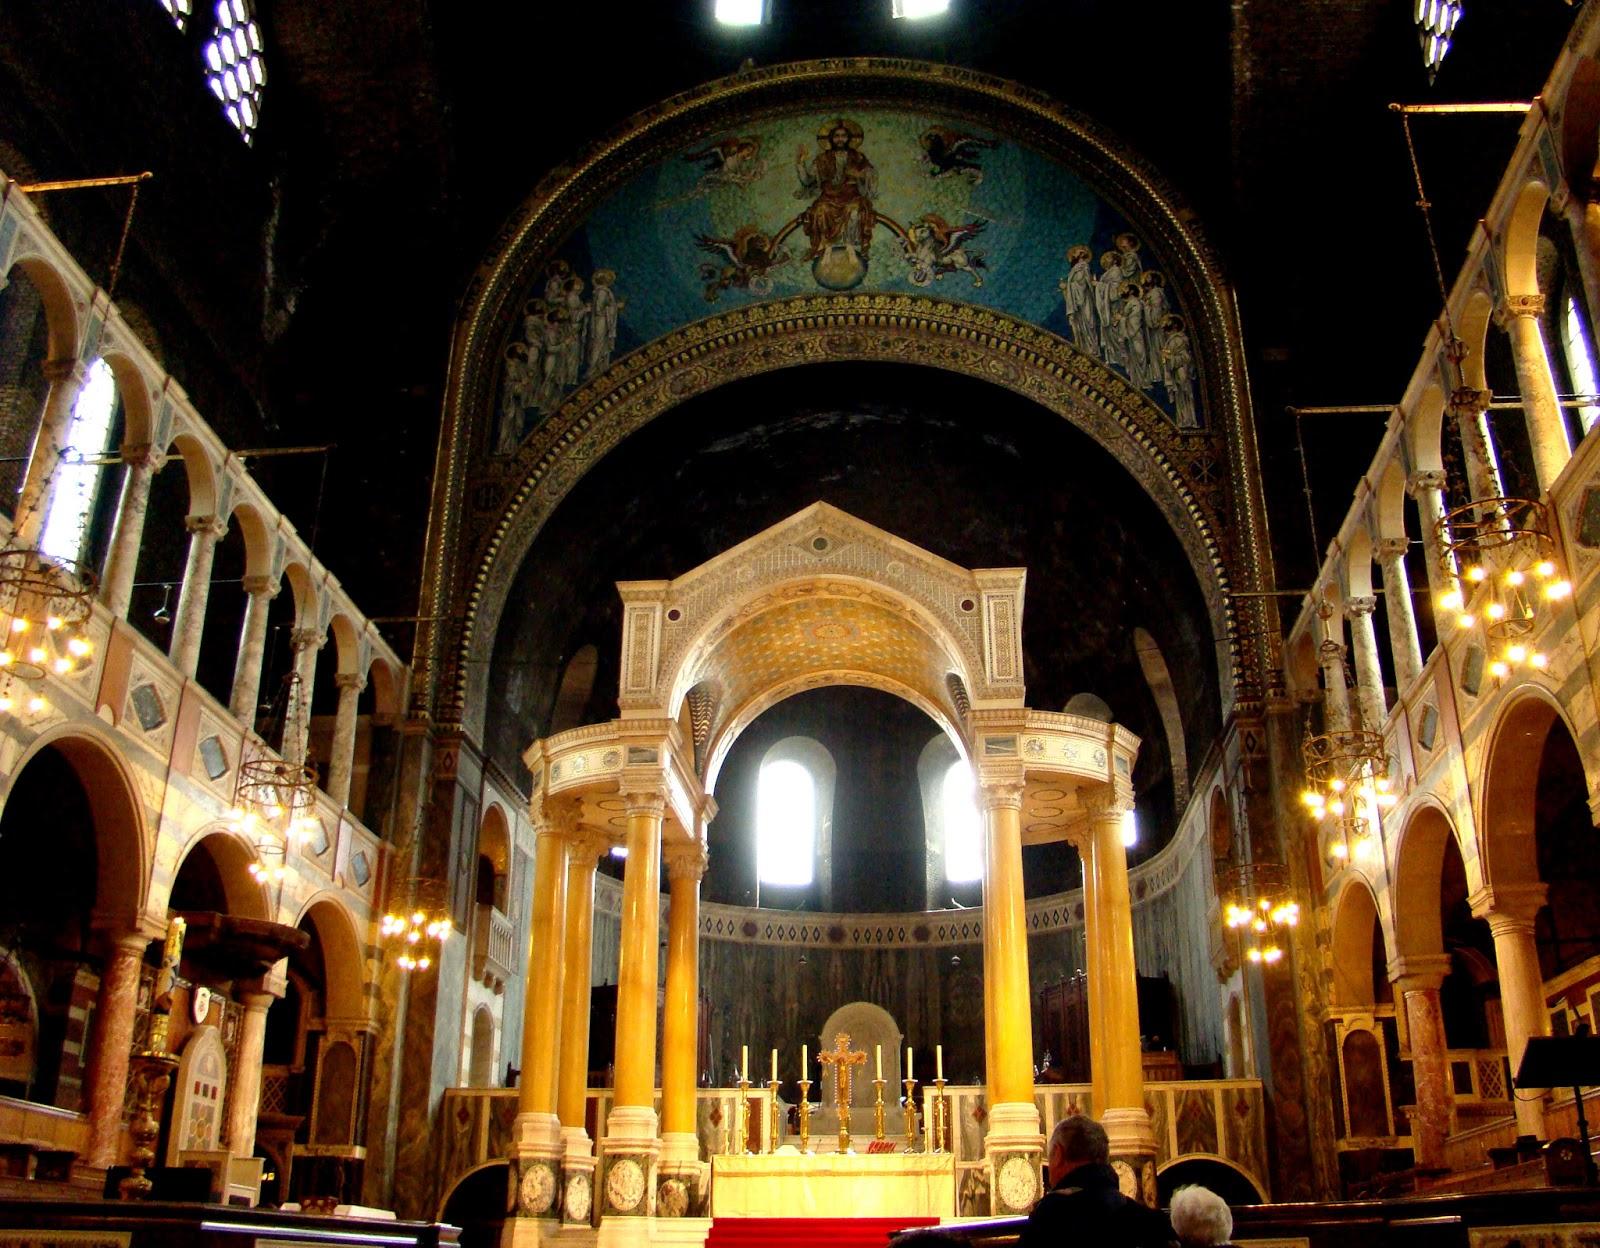 Interno Della Cattedrale Di Westminster Chiesa Cattolica Costruita  #C49107 1600 1248 Sala Da Pranzo Buckingham Palace